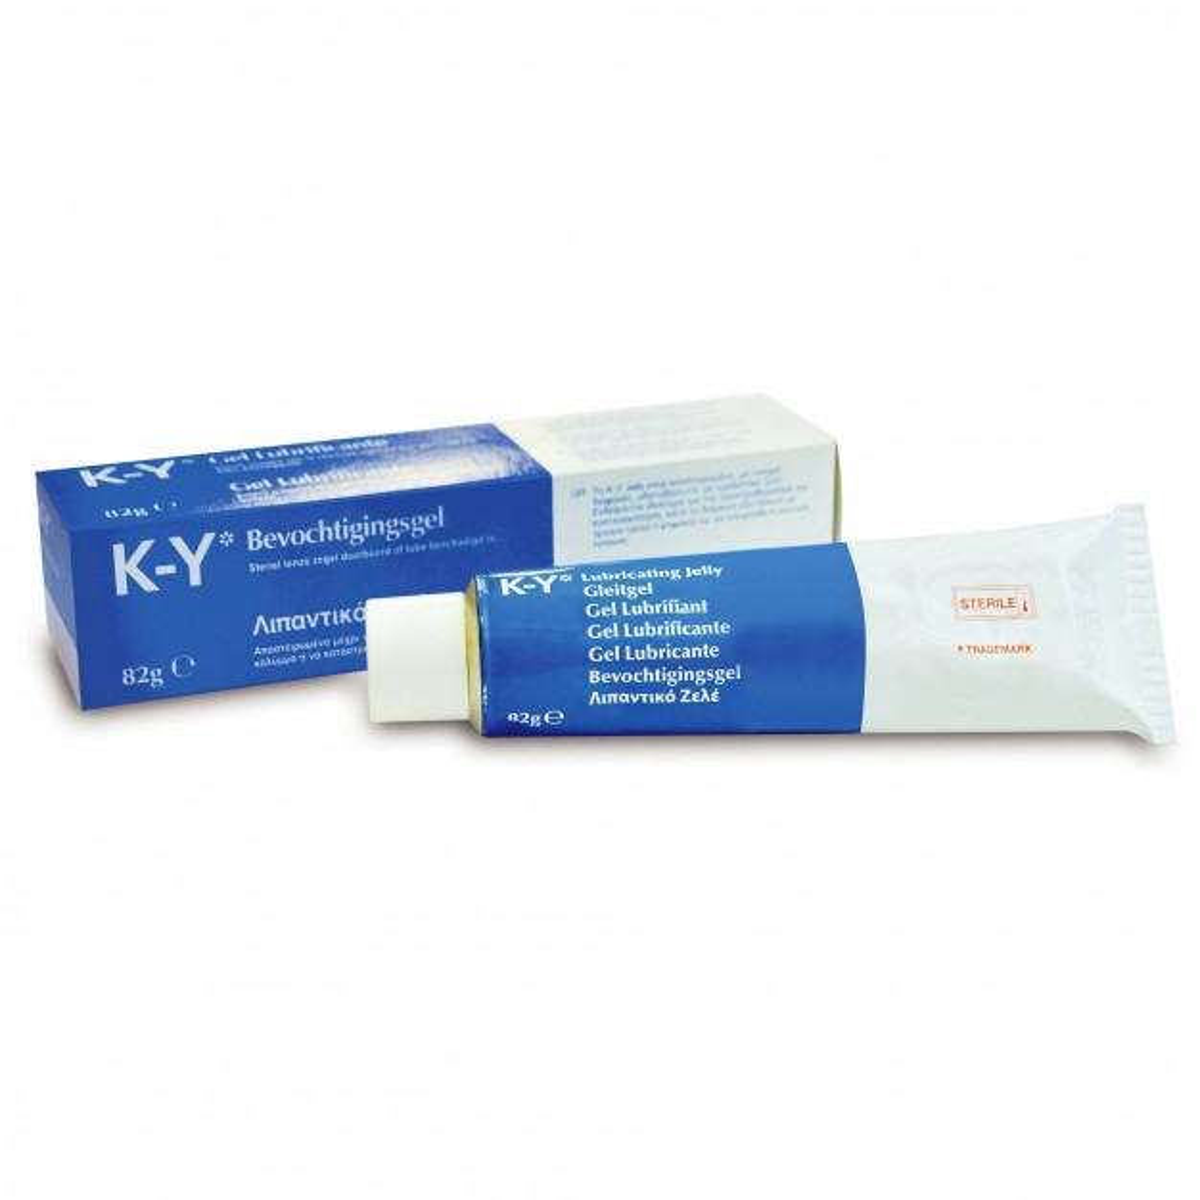 K-Y Sterile Lubricating Jelly 82 g